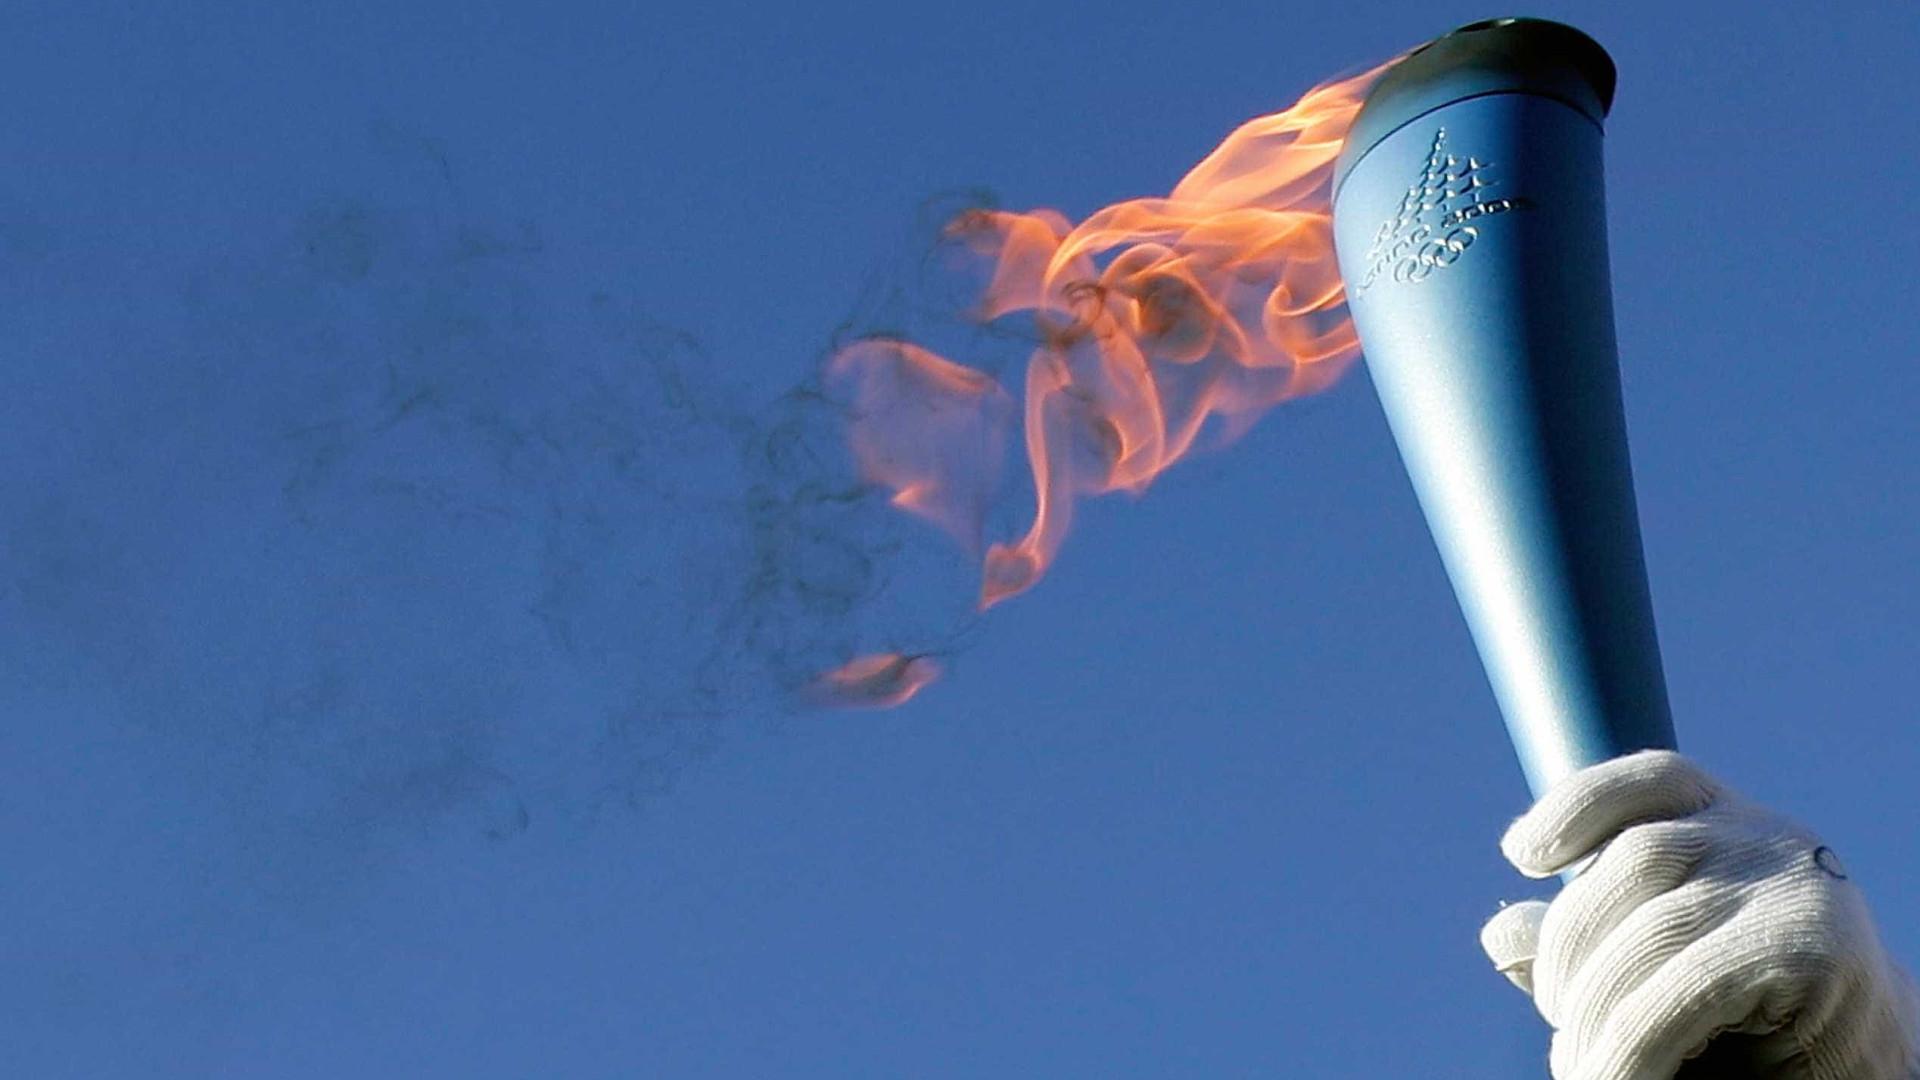 Candidatura olímpica de Turim recebe primeiro 'sim'